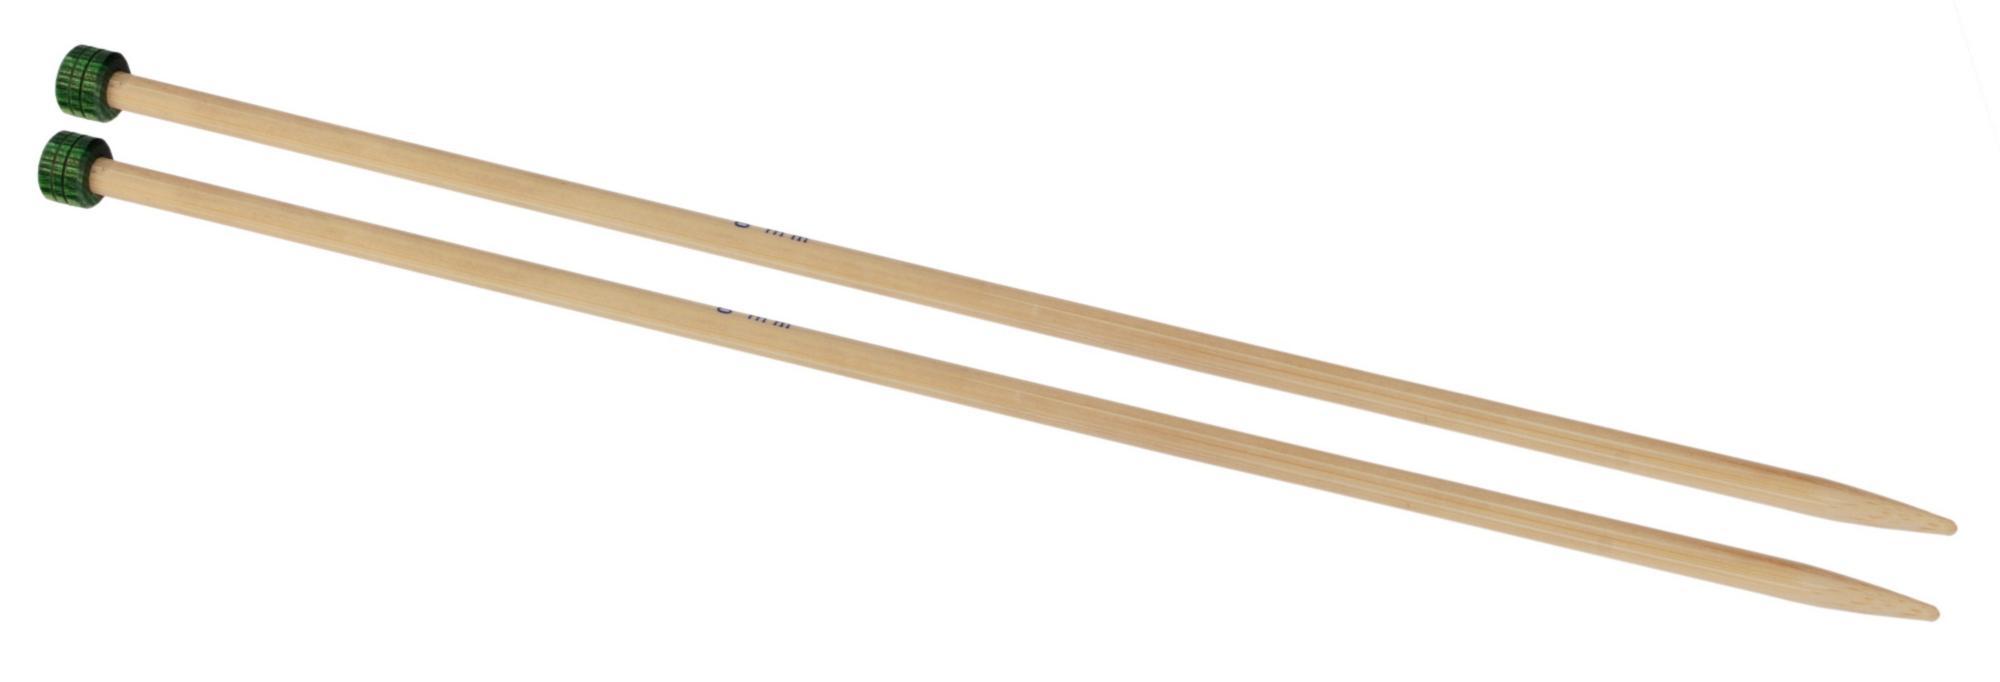 Спицы прямые 33 см Bamboo KnitPro, 22356, 3.50 мм